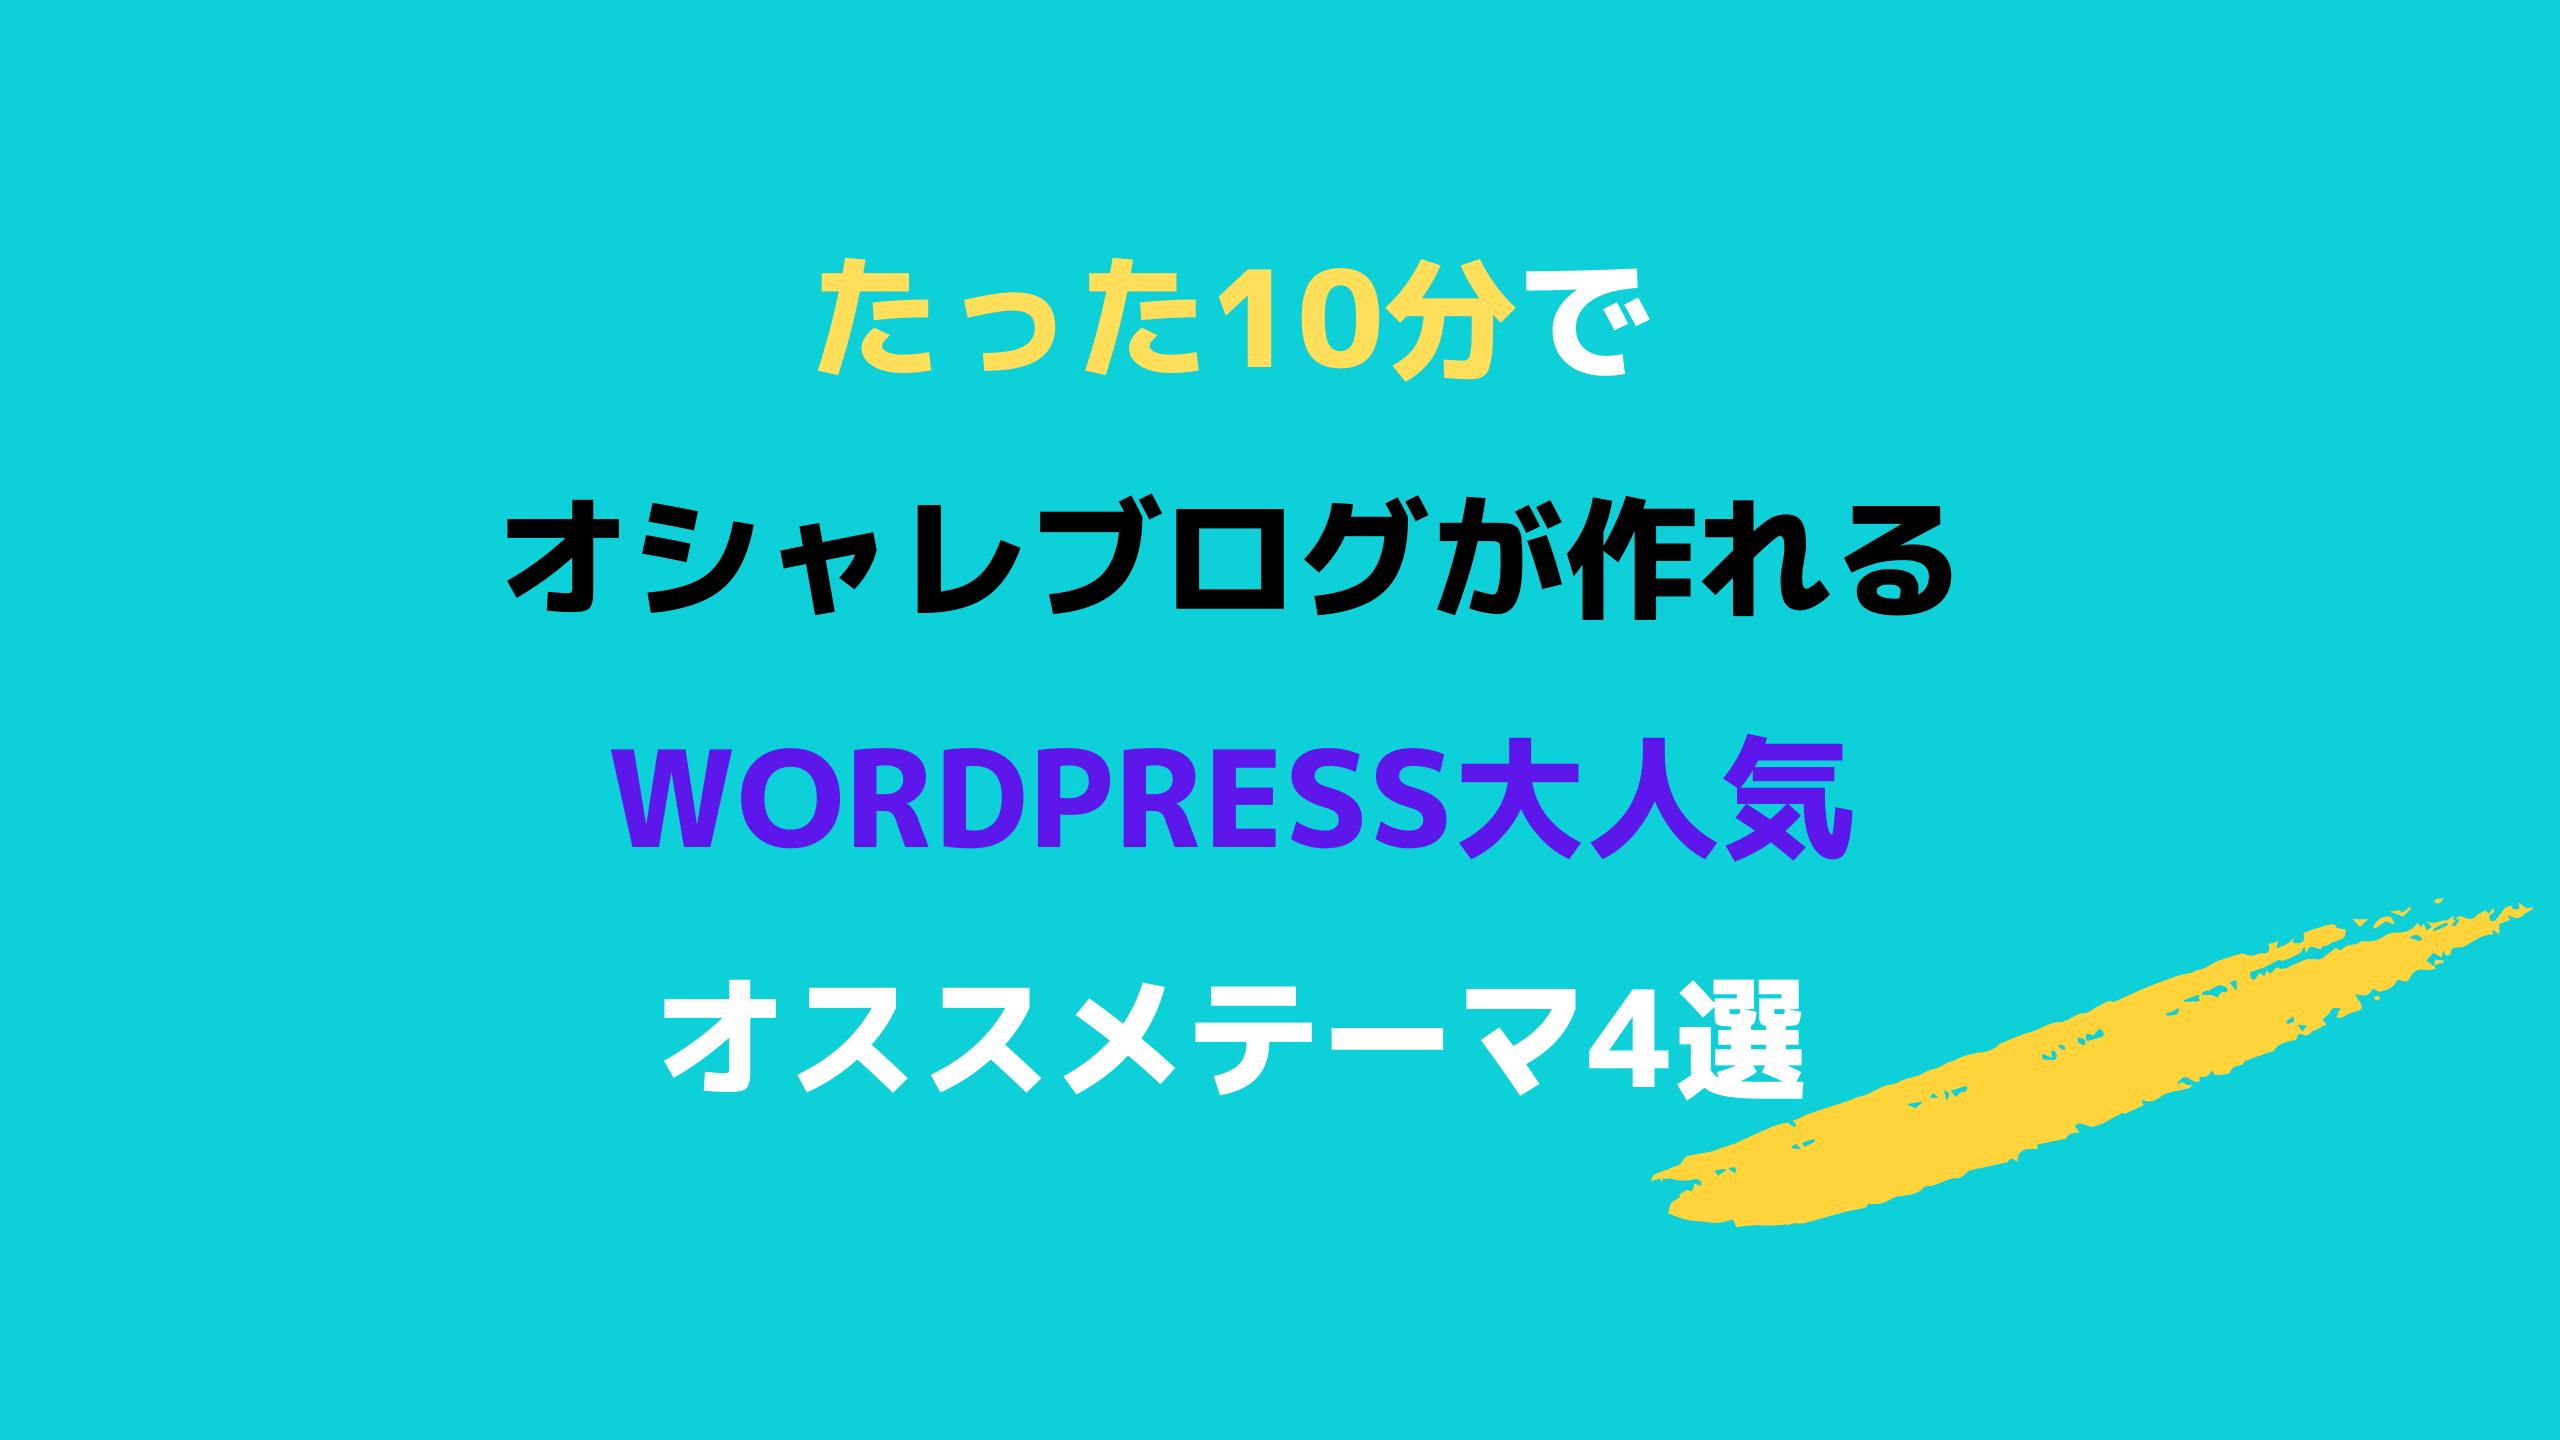 たった10分でオシャレブログが作れる   WordPress大人気オススメテーマ4選